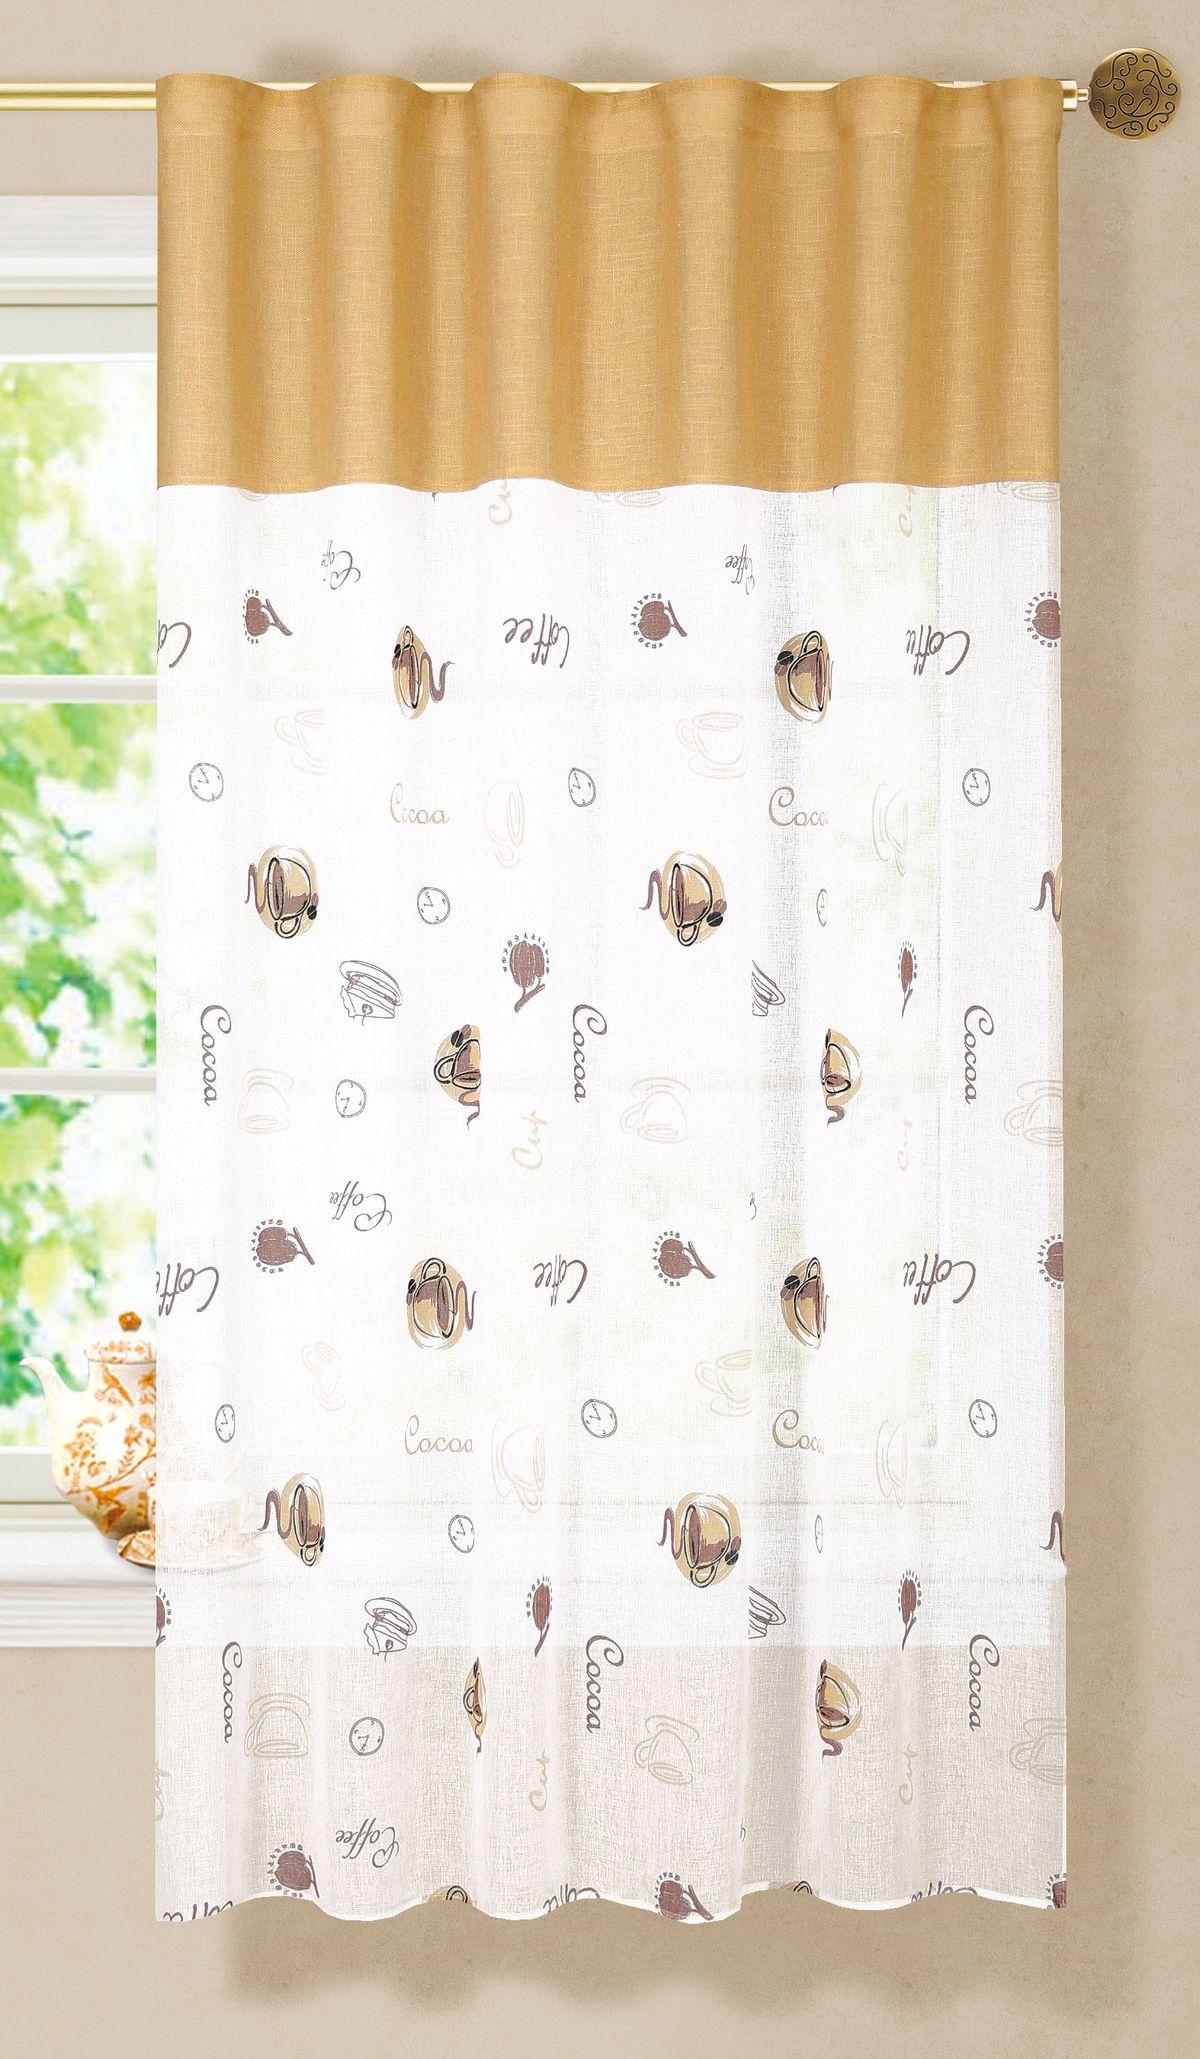 Штора Garden, на ленте, тюлевая, цвет: белый, 150х180 см. С 6333 - W1887 - W1222 V6С 6333 - W1887 - W1222 V6Изящная штора Garden для кухни выполнена из ткани с оригинальной структурой, приятная расцветка привлечет к себе внимание и органично впишется в интерьер помещения. Штора крепится на карниз при помощи ленты, которая поможет красиво и равномерно задрапировать верх.